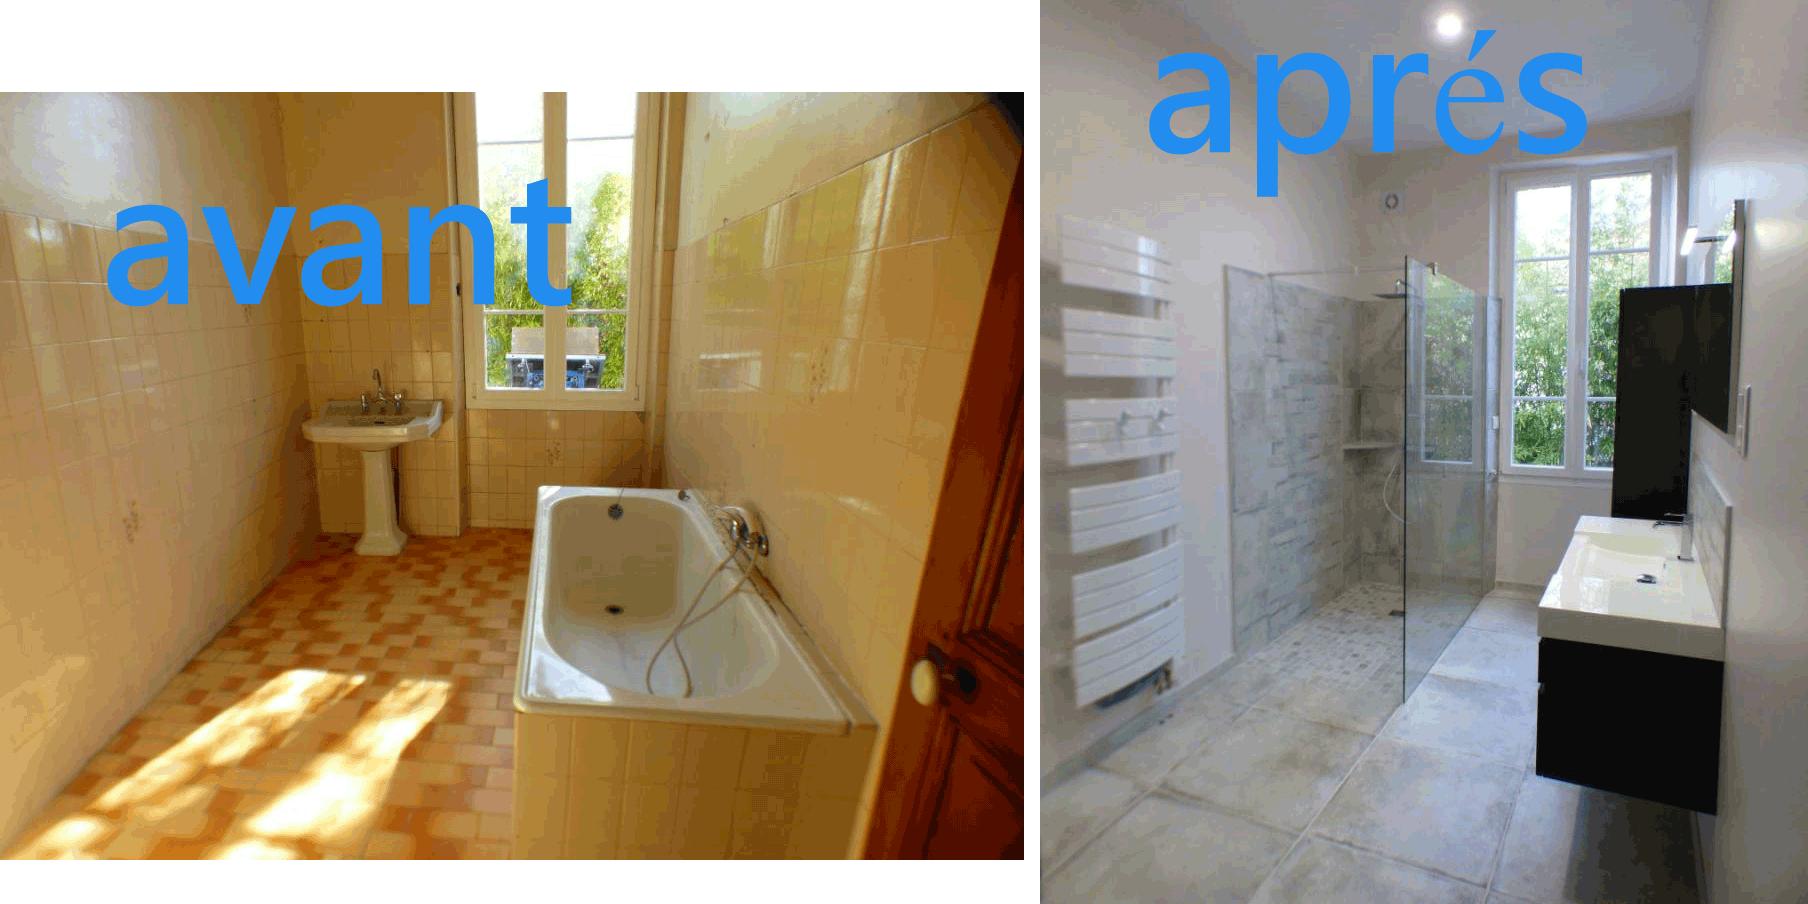 Rénovation Salle De Bain Avant Après rénovation salle de bain frédéric bodart, votre expert en